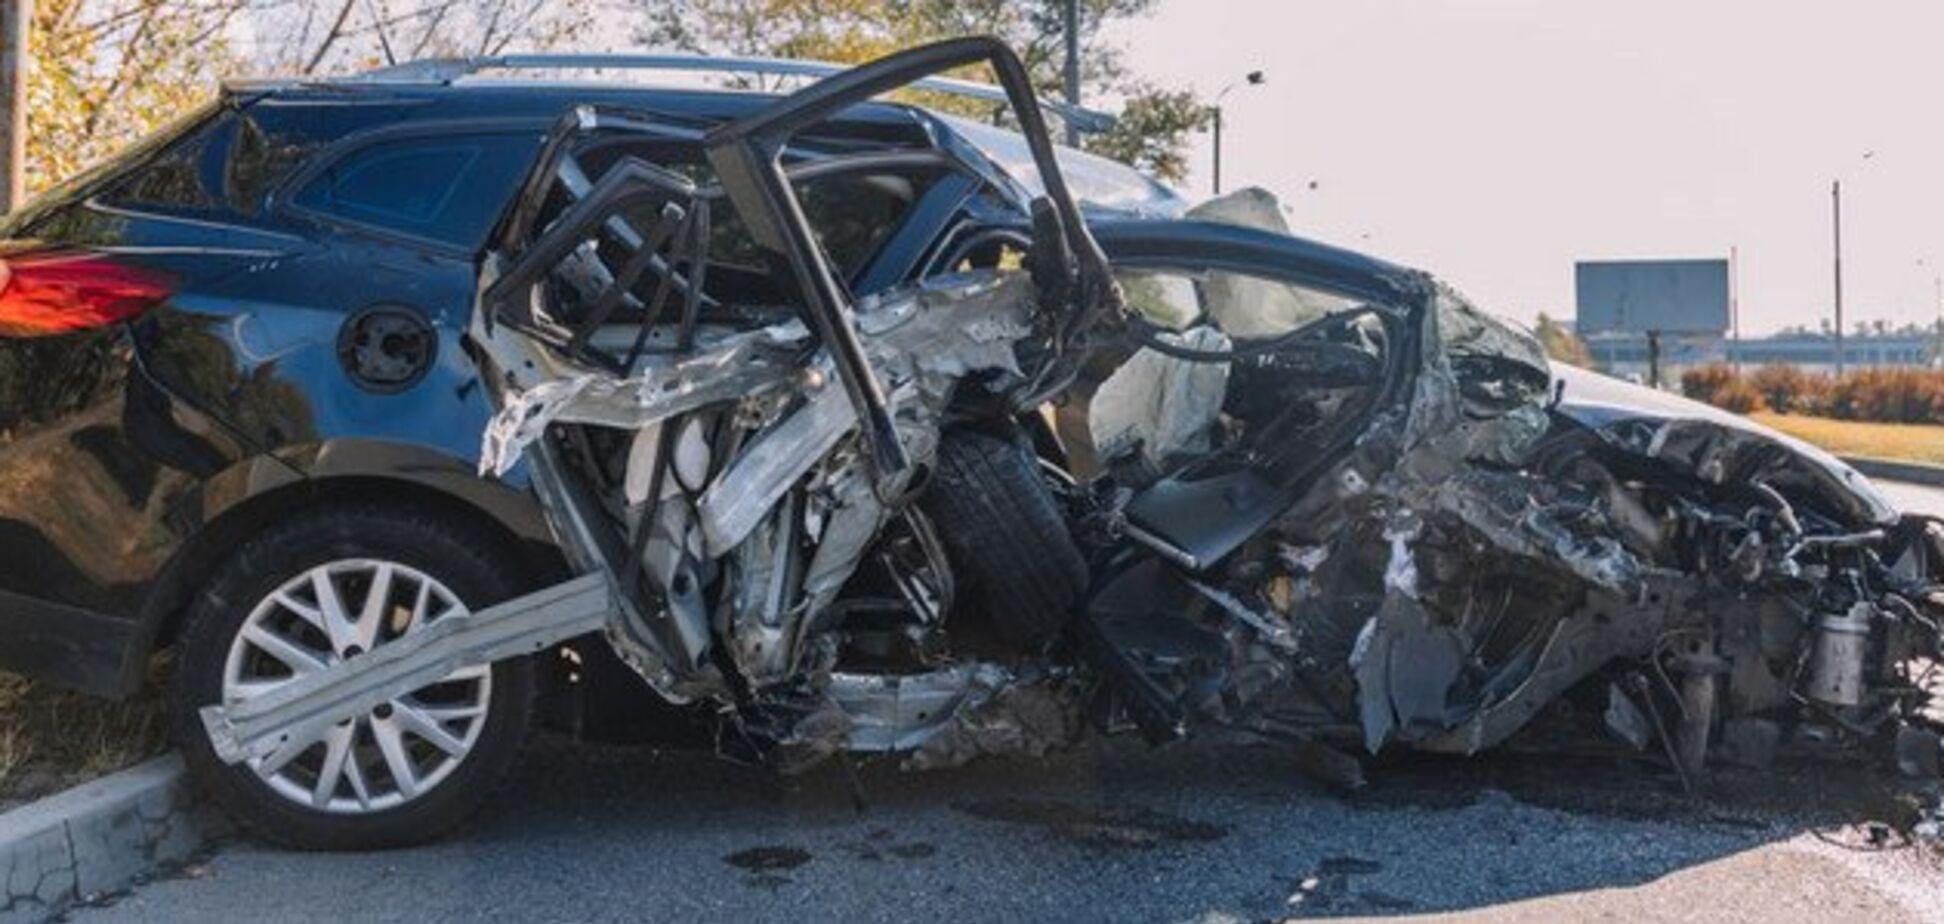 Авто превратилось в груду металла: в Днепре произошло страшное ДТП